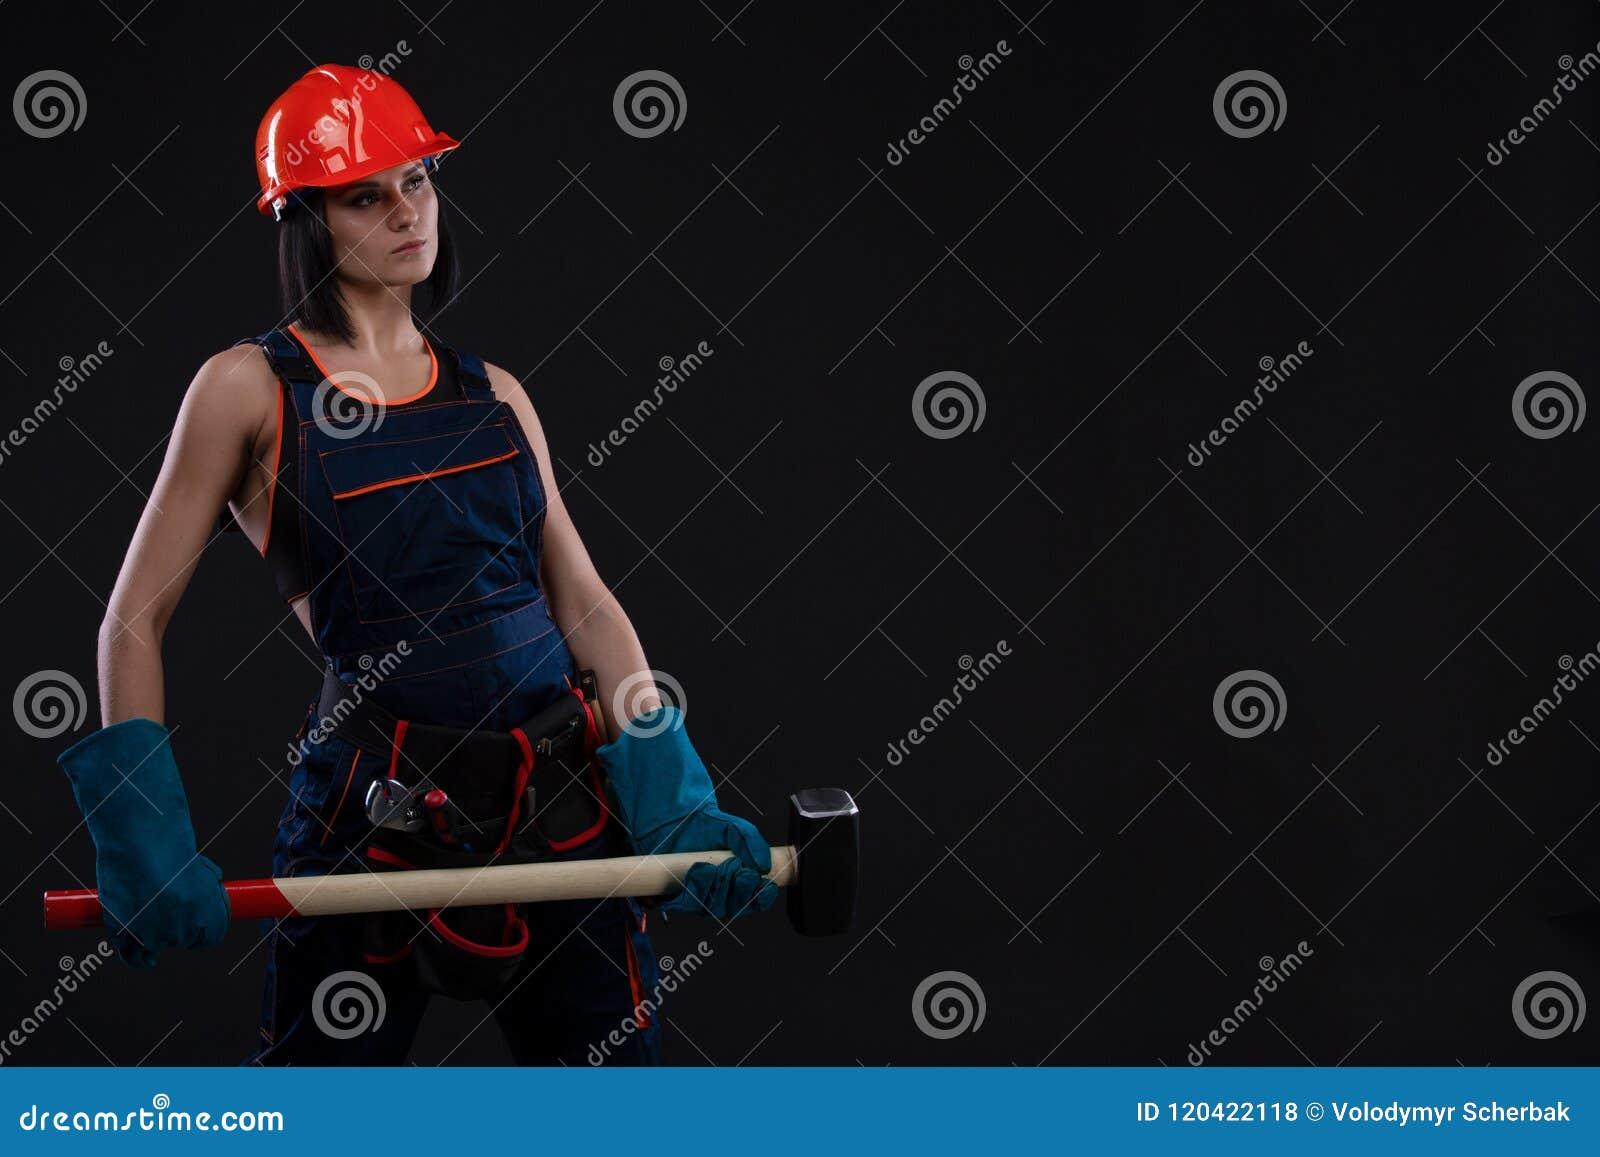 Płeć feminizm i równość Seksowna dziewczyna w zbawczego hełma mienia młota narzędziu Atrakcyjny kobiety działanie jako pracownik